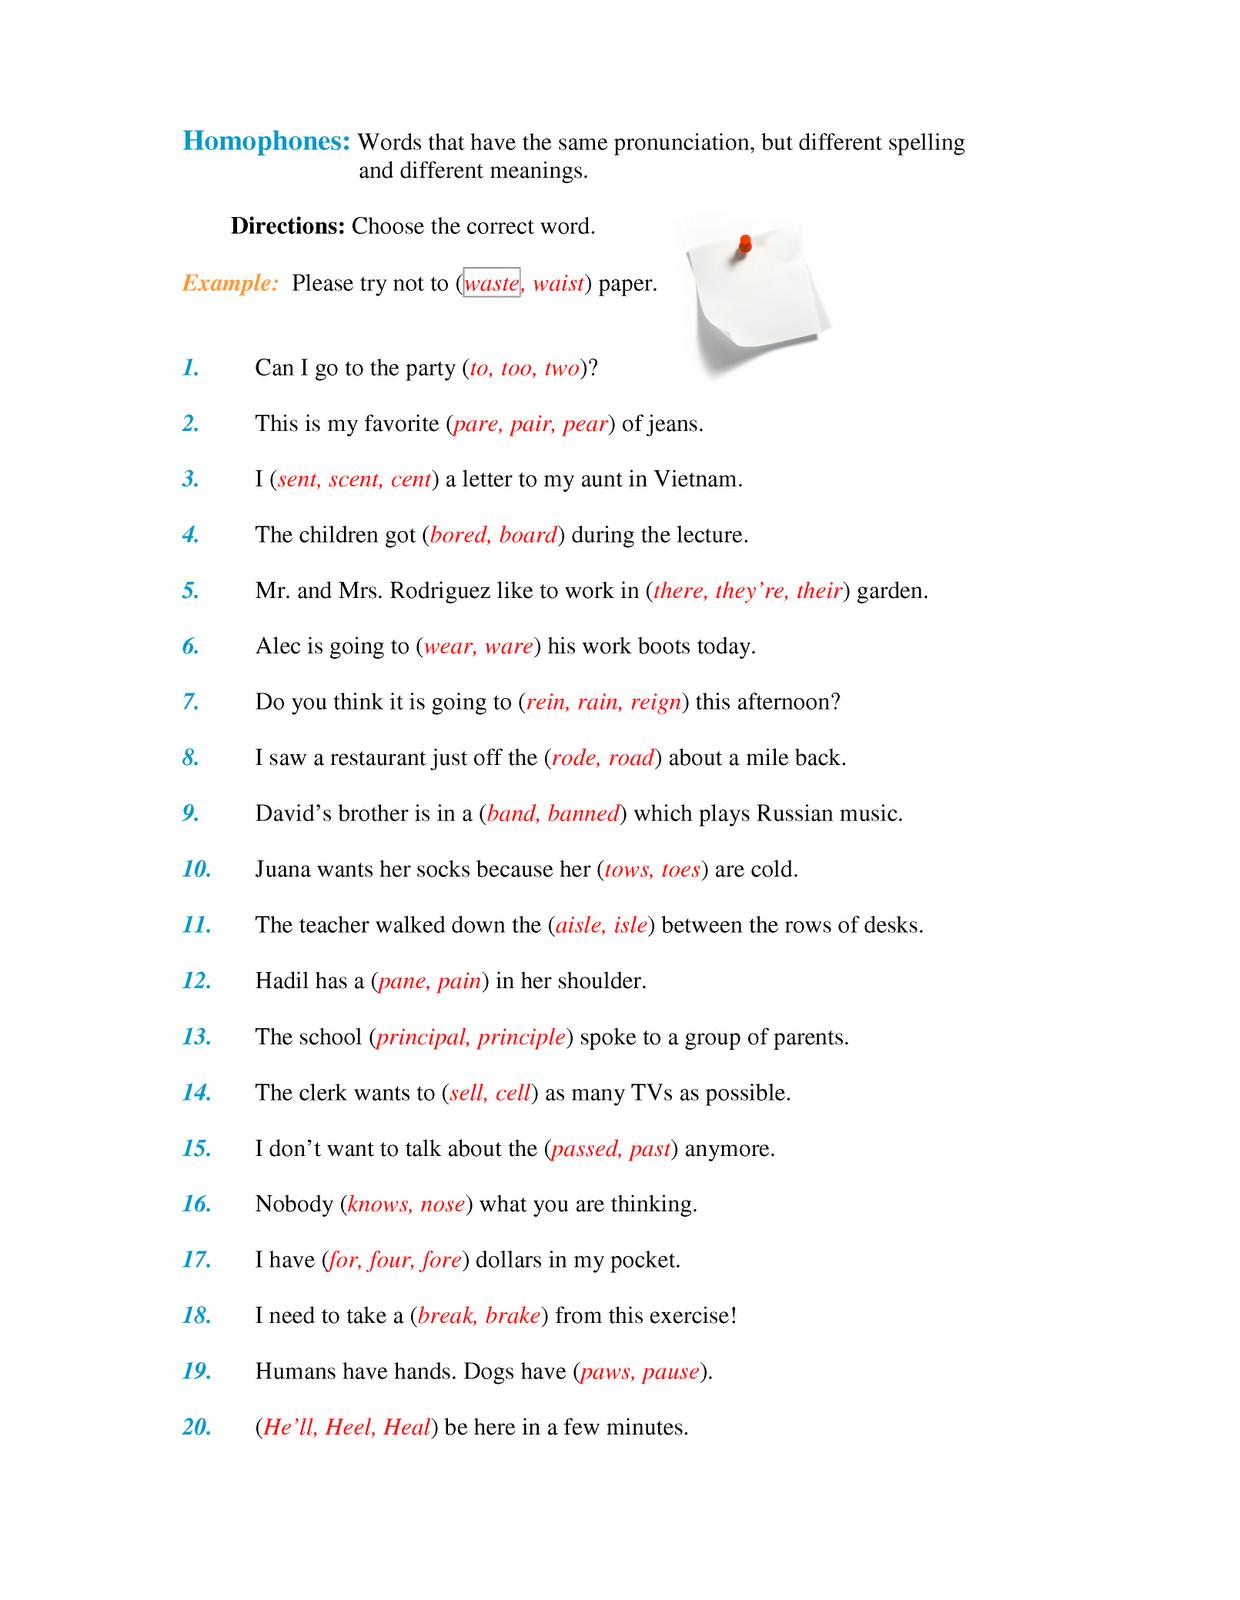 worksheet Homonyms Worksheet homophones homonyms worksheet worksheet